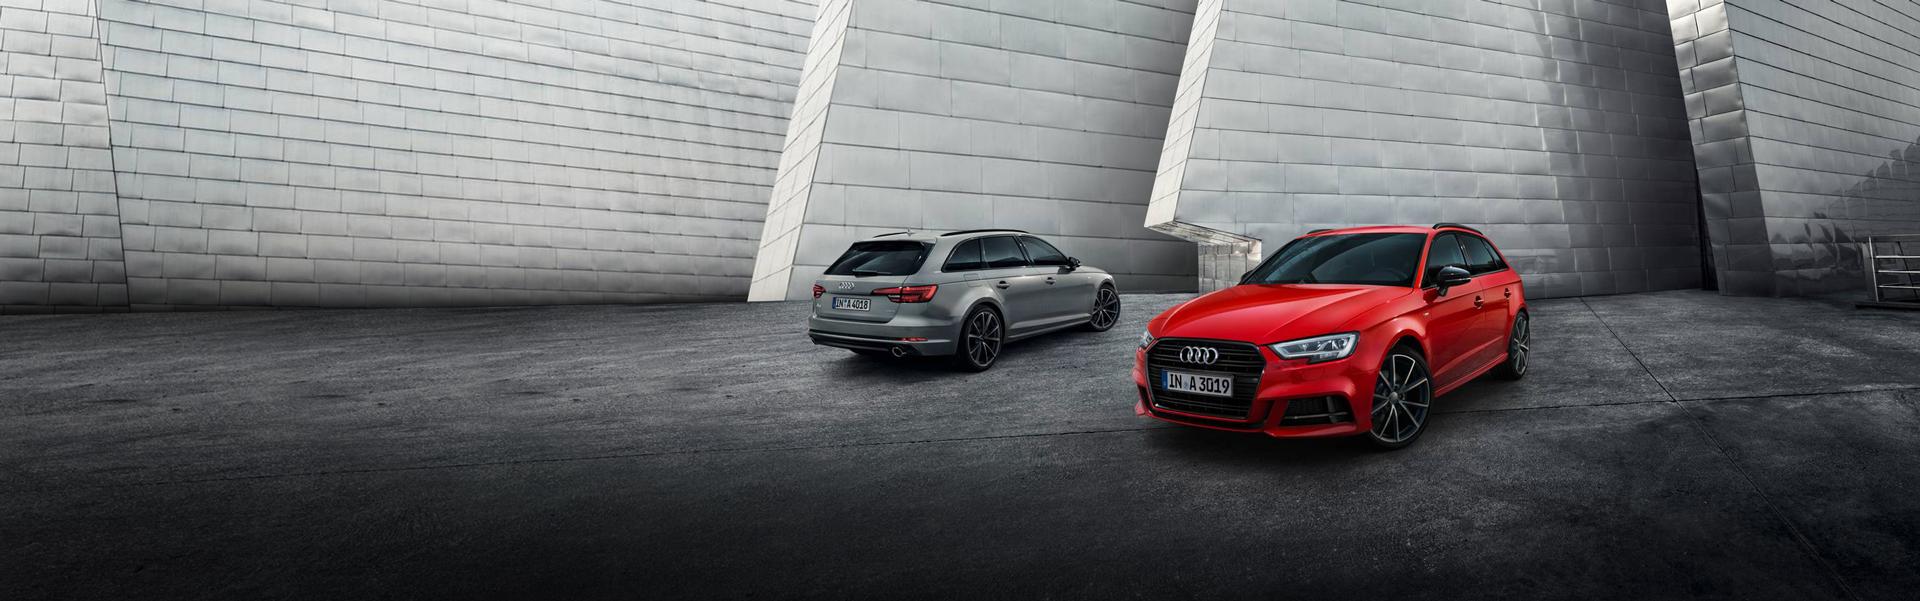 SAN Mazuin Audi Condition Salon Edition Black